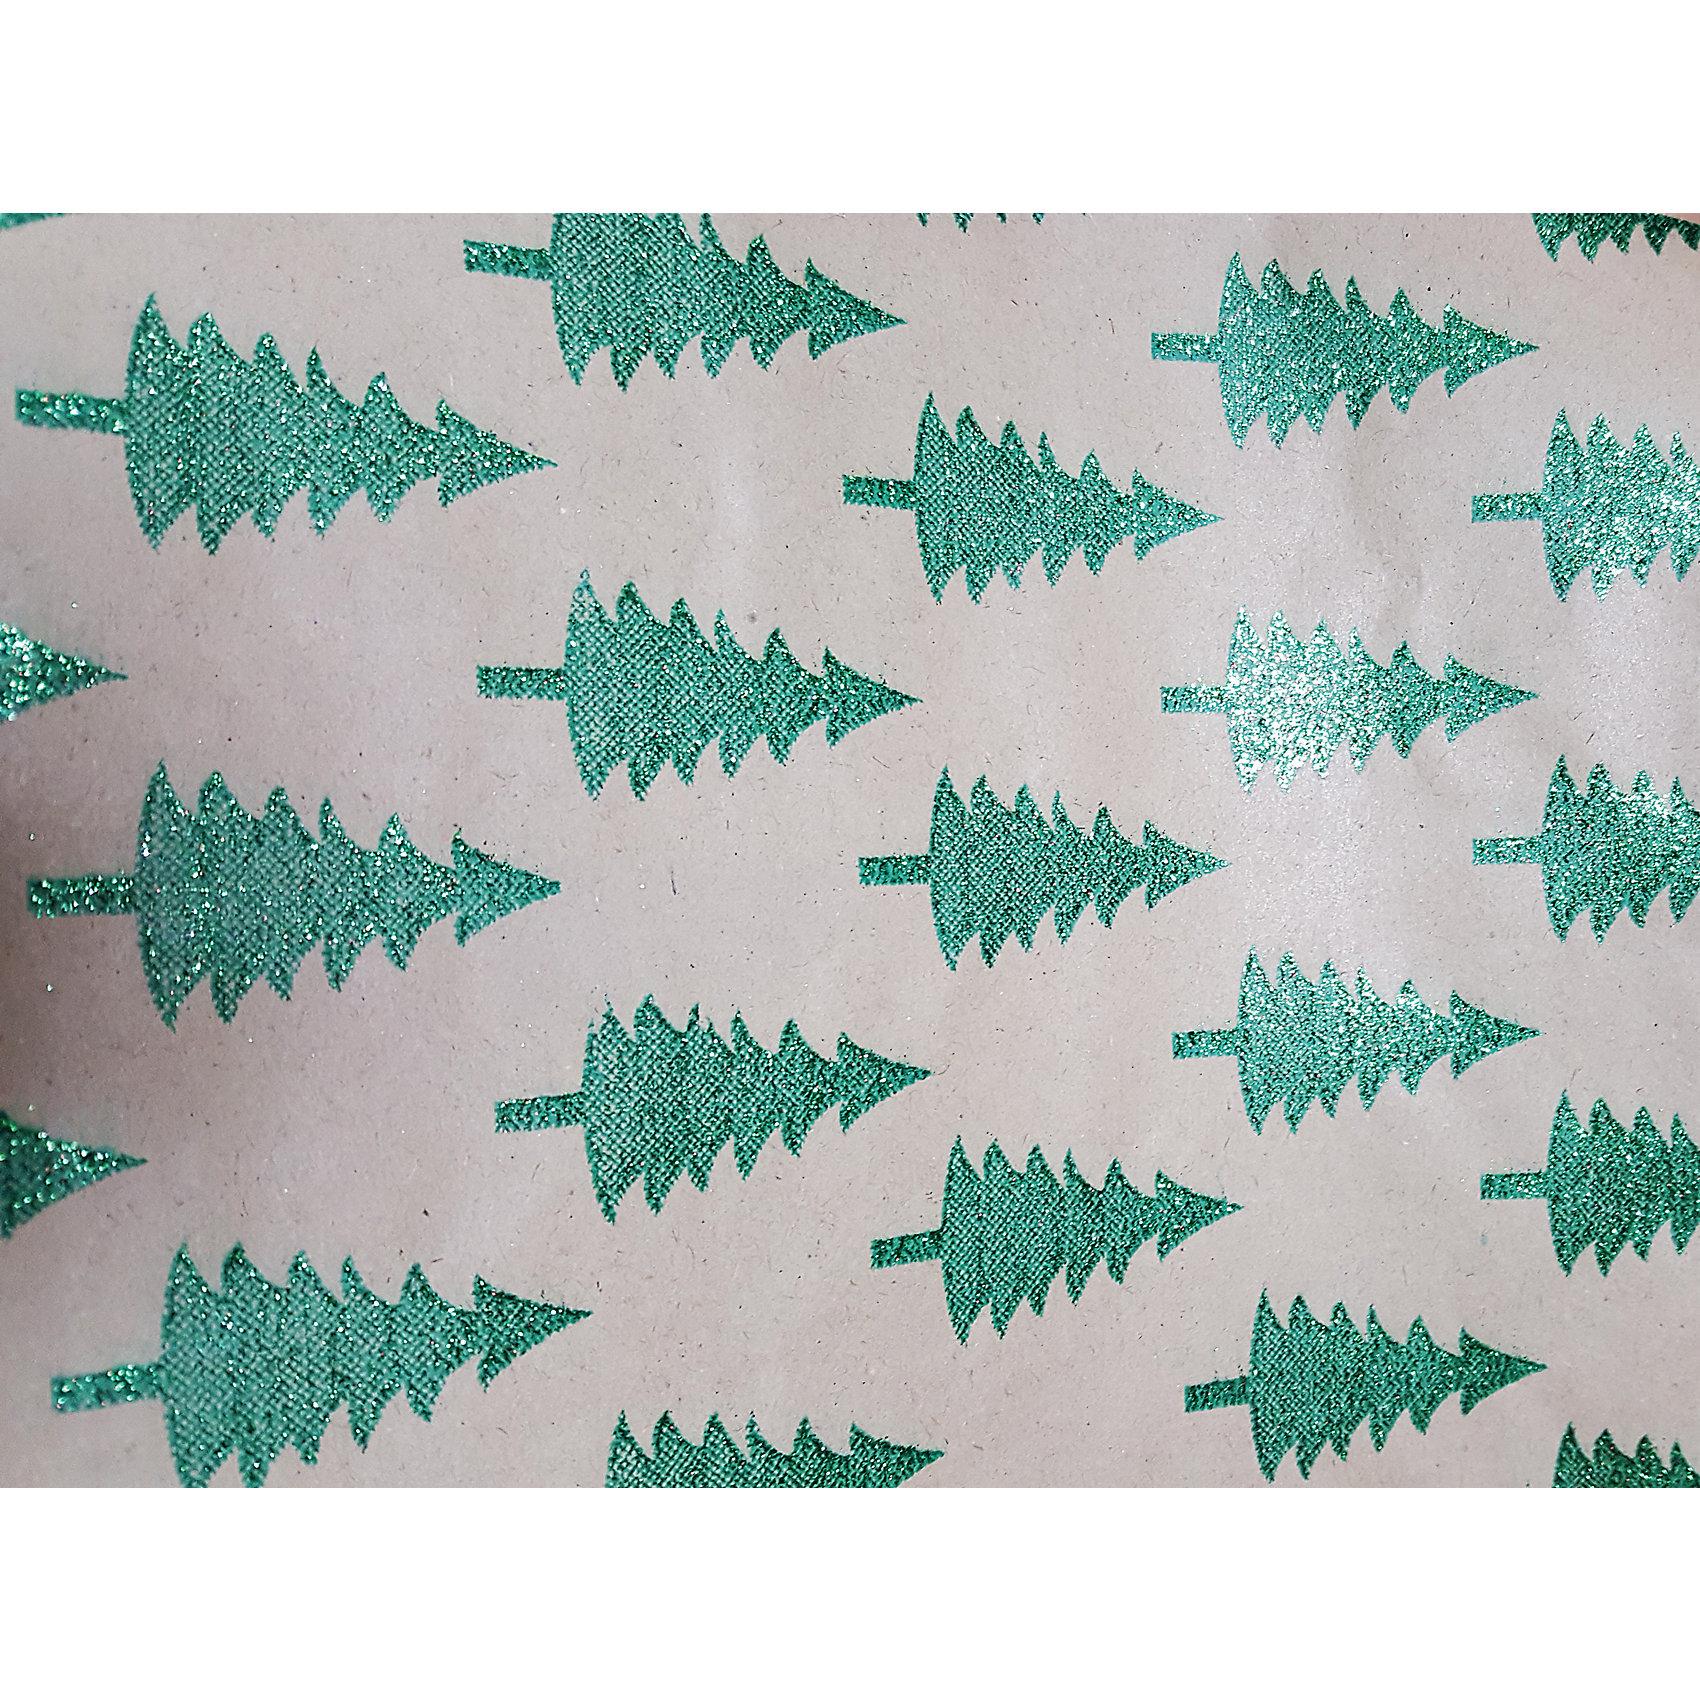 Крафт бумага Зеленые елочки для сувенирной продукции в листах от myToys